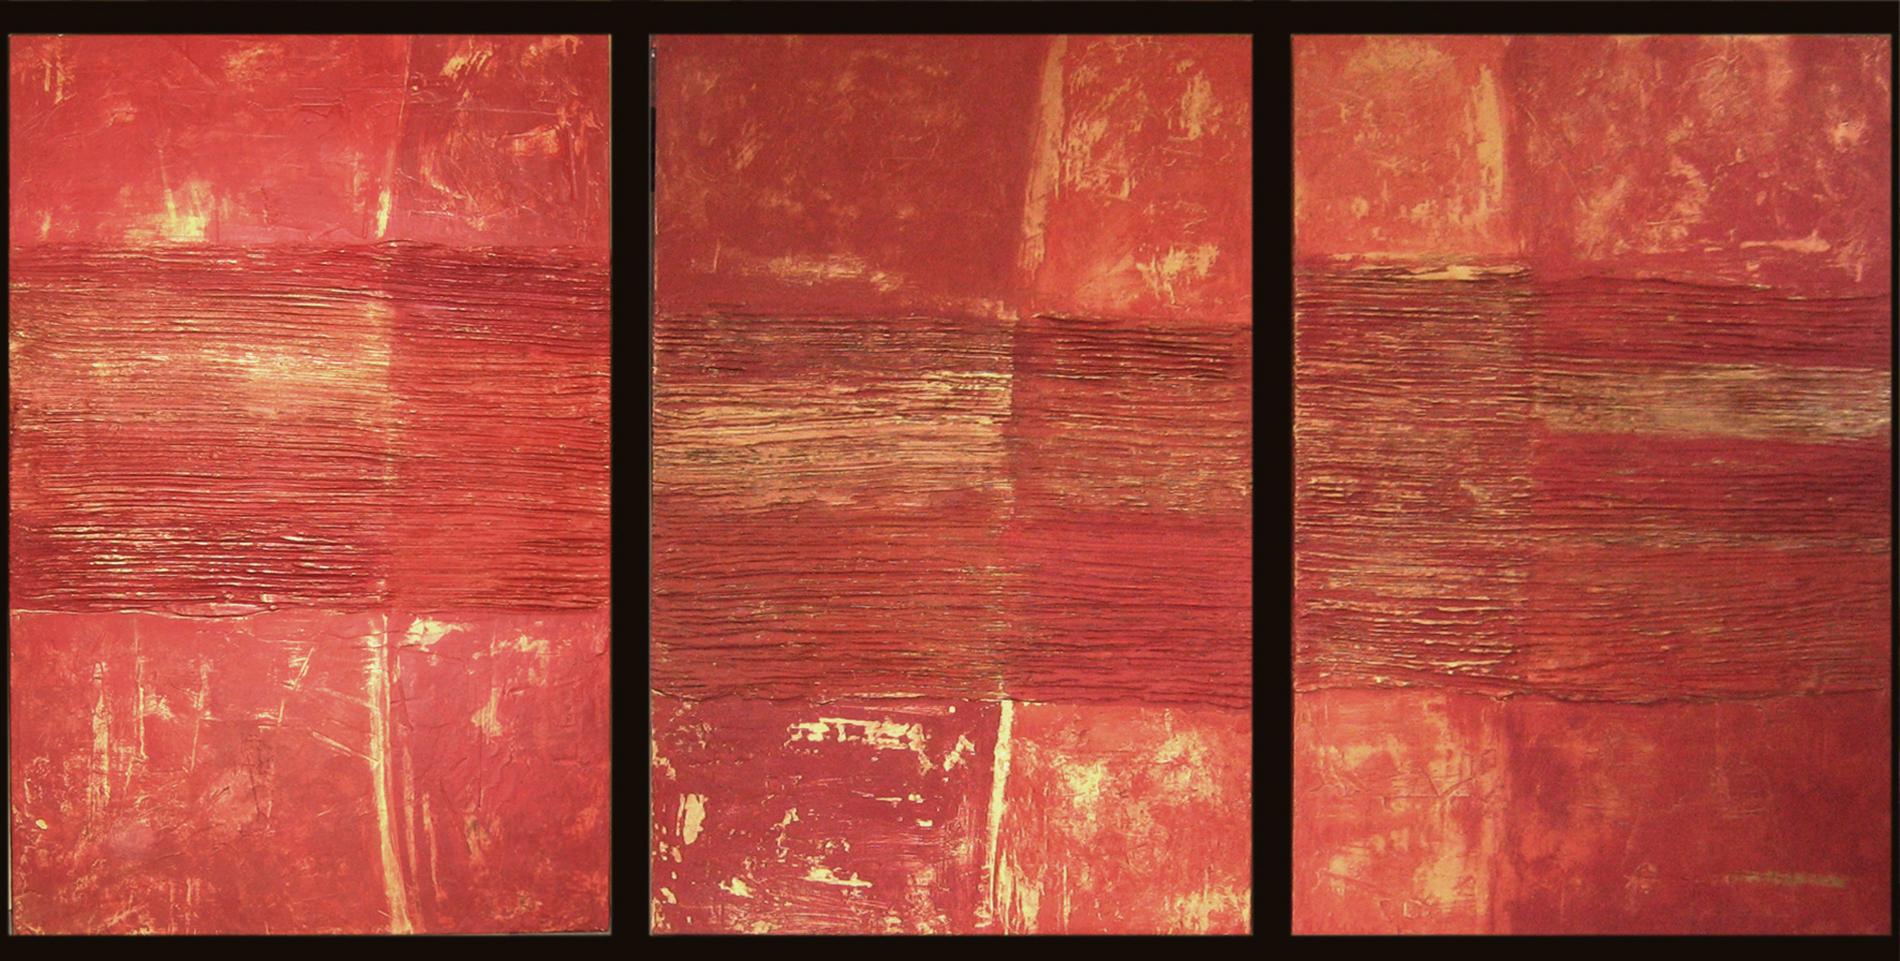 archetipo, astrazione,red, collage, culto della Madre Terra, culto di Gaia, culto di Maia, dipinto con pigmenti su carta di riso, dipinto con pigmenti su gesso, dipinto con pigmenti su tela, doratura, foglia d'oro, Graffiti, Pigmenti, trittico, sedimentazioni, tecnica mista, texture 2012 Hall Piscine Foro Italico Roma Tecnica mista. Colorazione con pigmenti. Mq 10